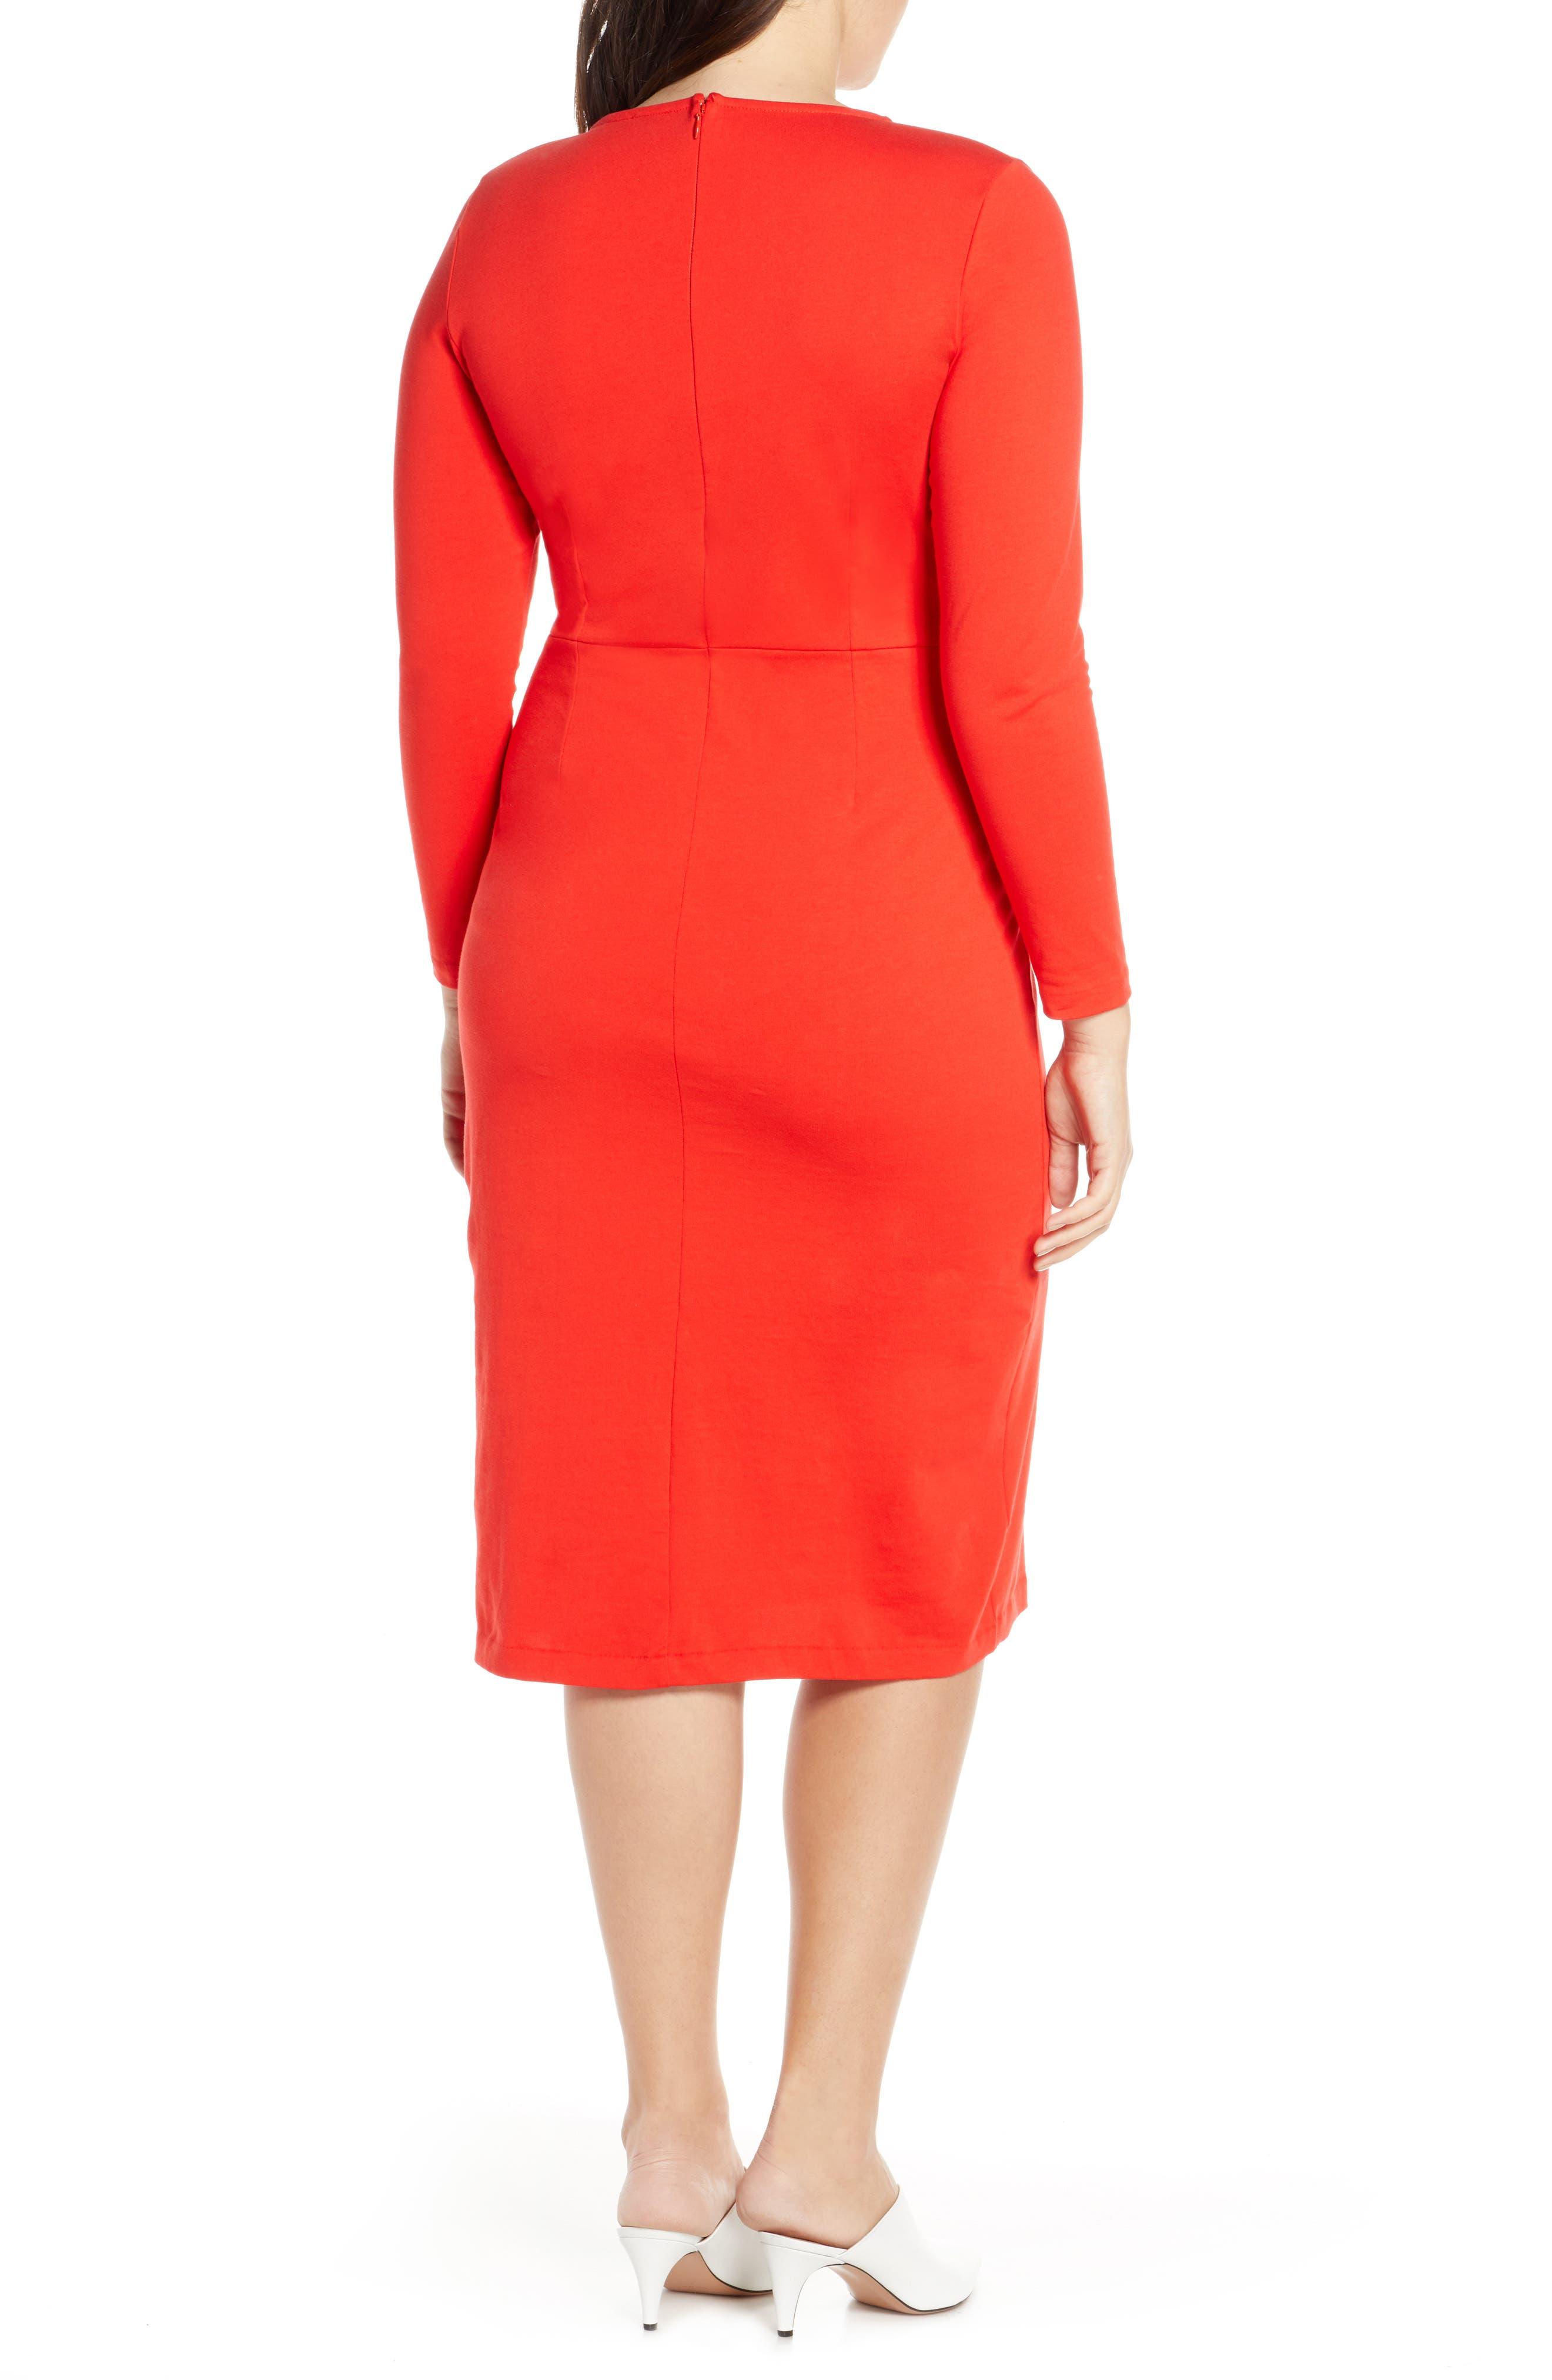 J.CREW, Knit Sheath Dress, Alternate thumbnail 10, color, BRIGHT CERISE